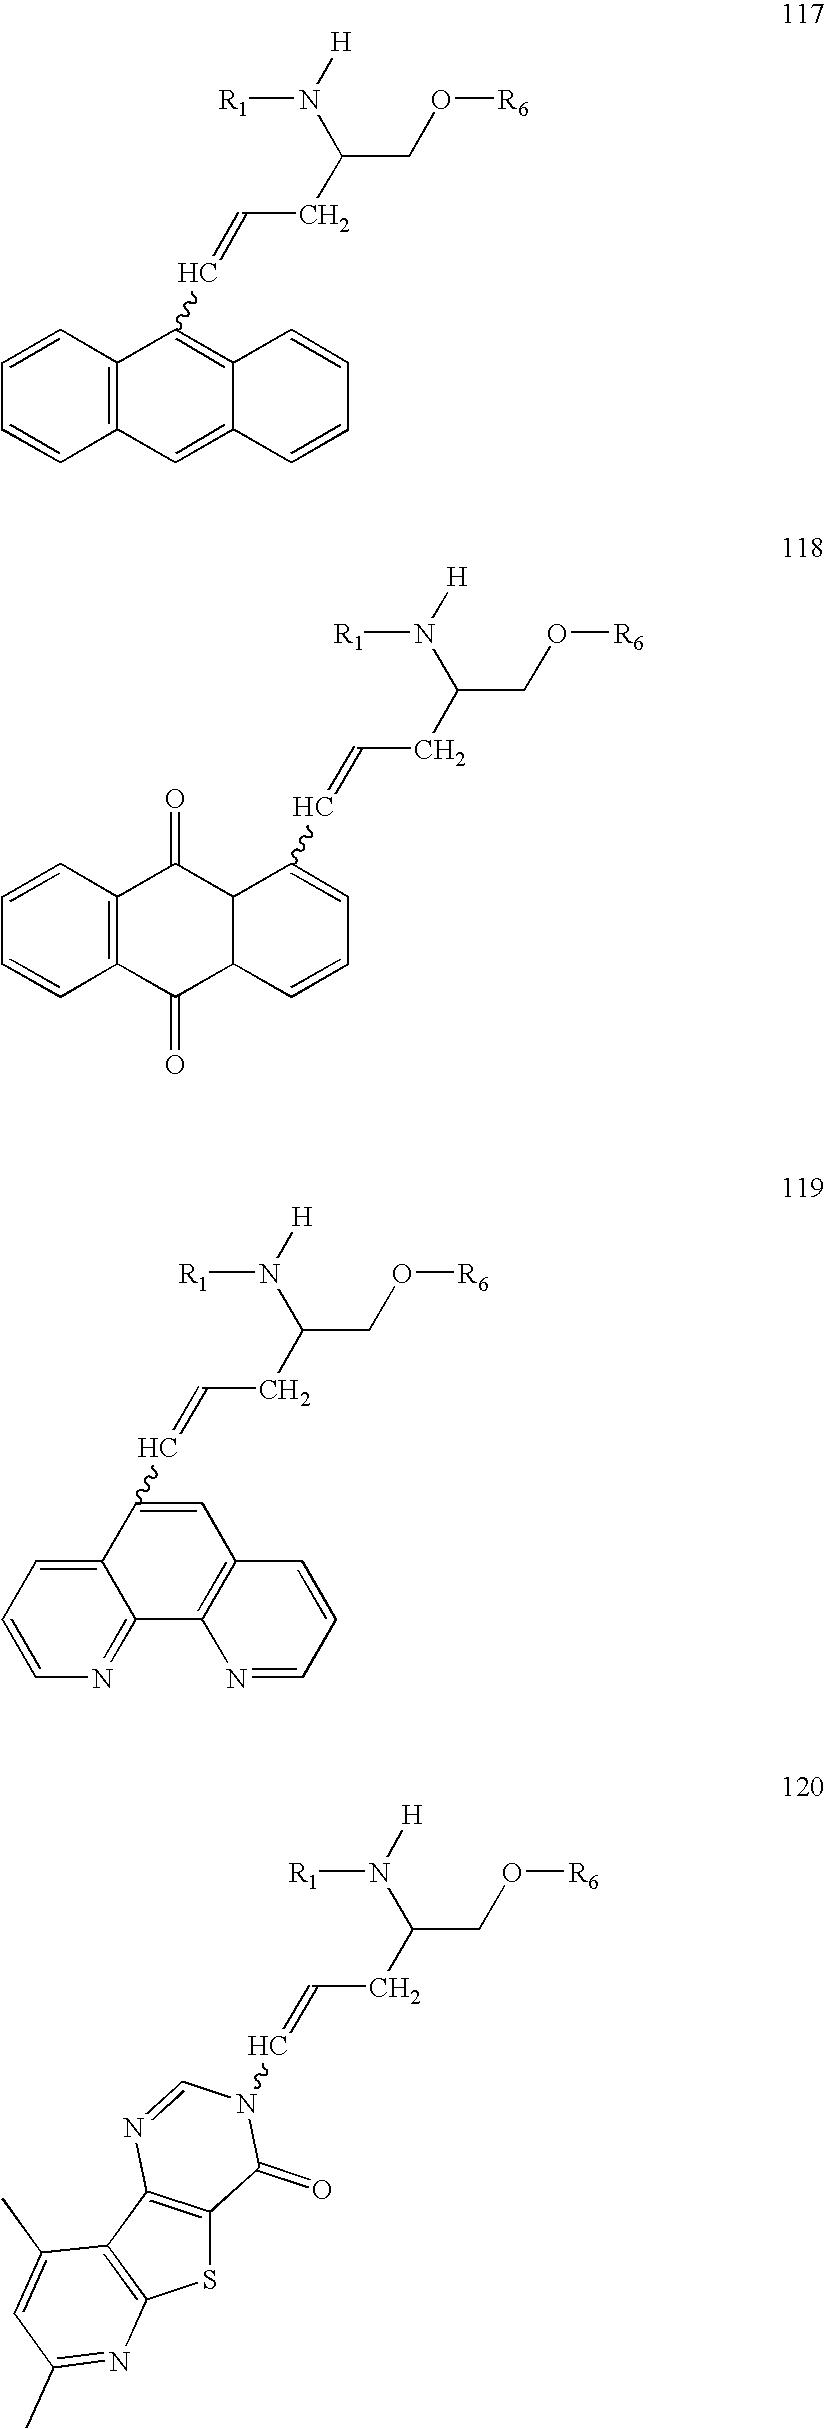 Figure US20060014144A1-20060119-C00113